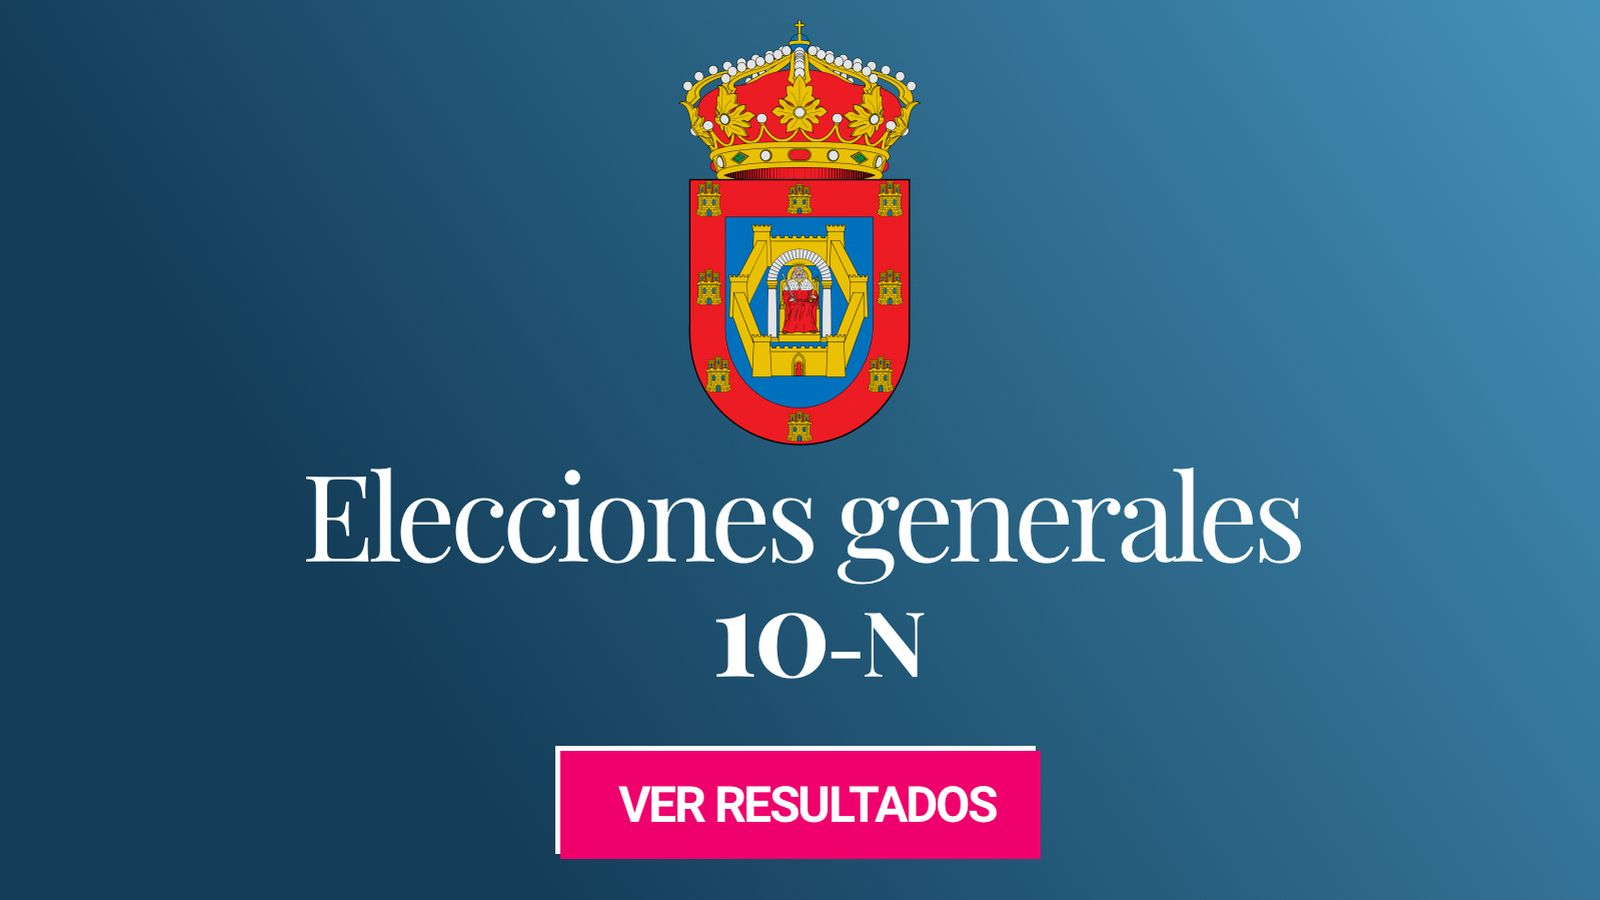 Foto: Elecciones generales 2019 en Ciudad Real. (C.C./EC)